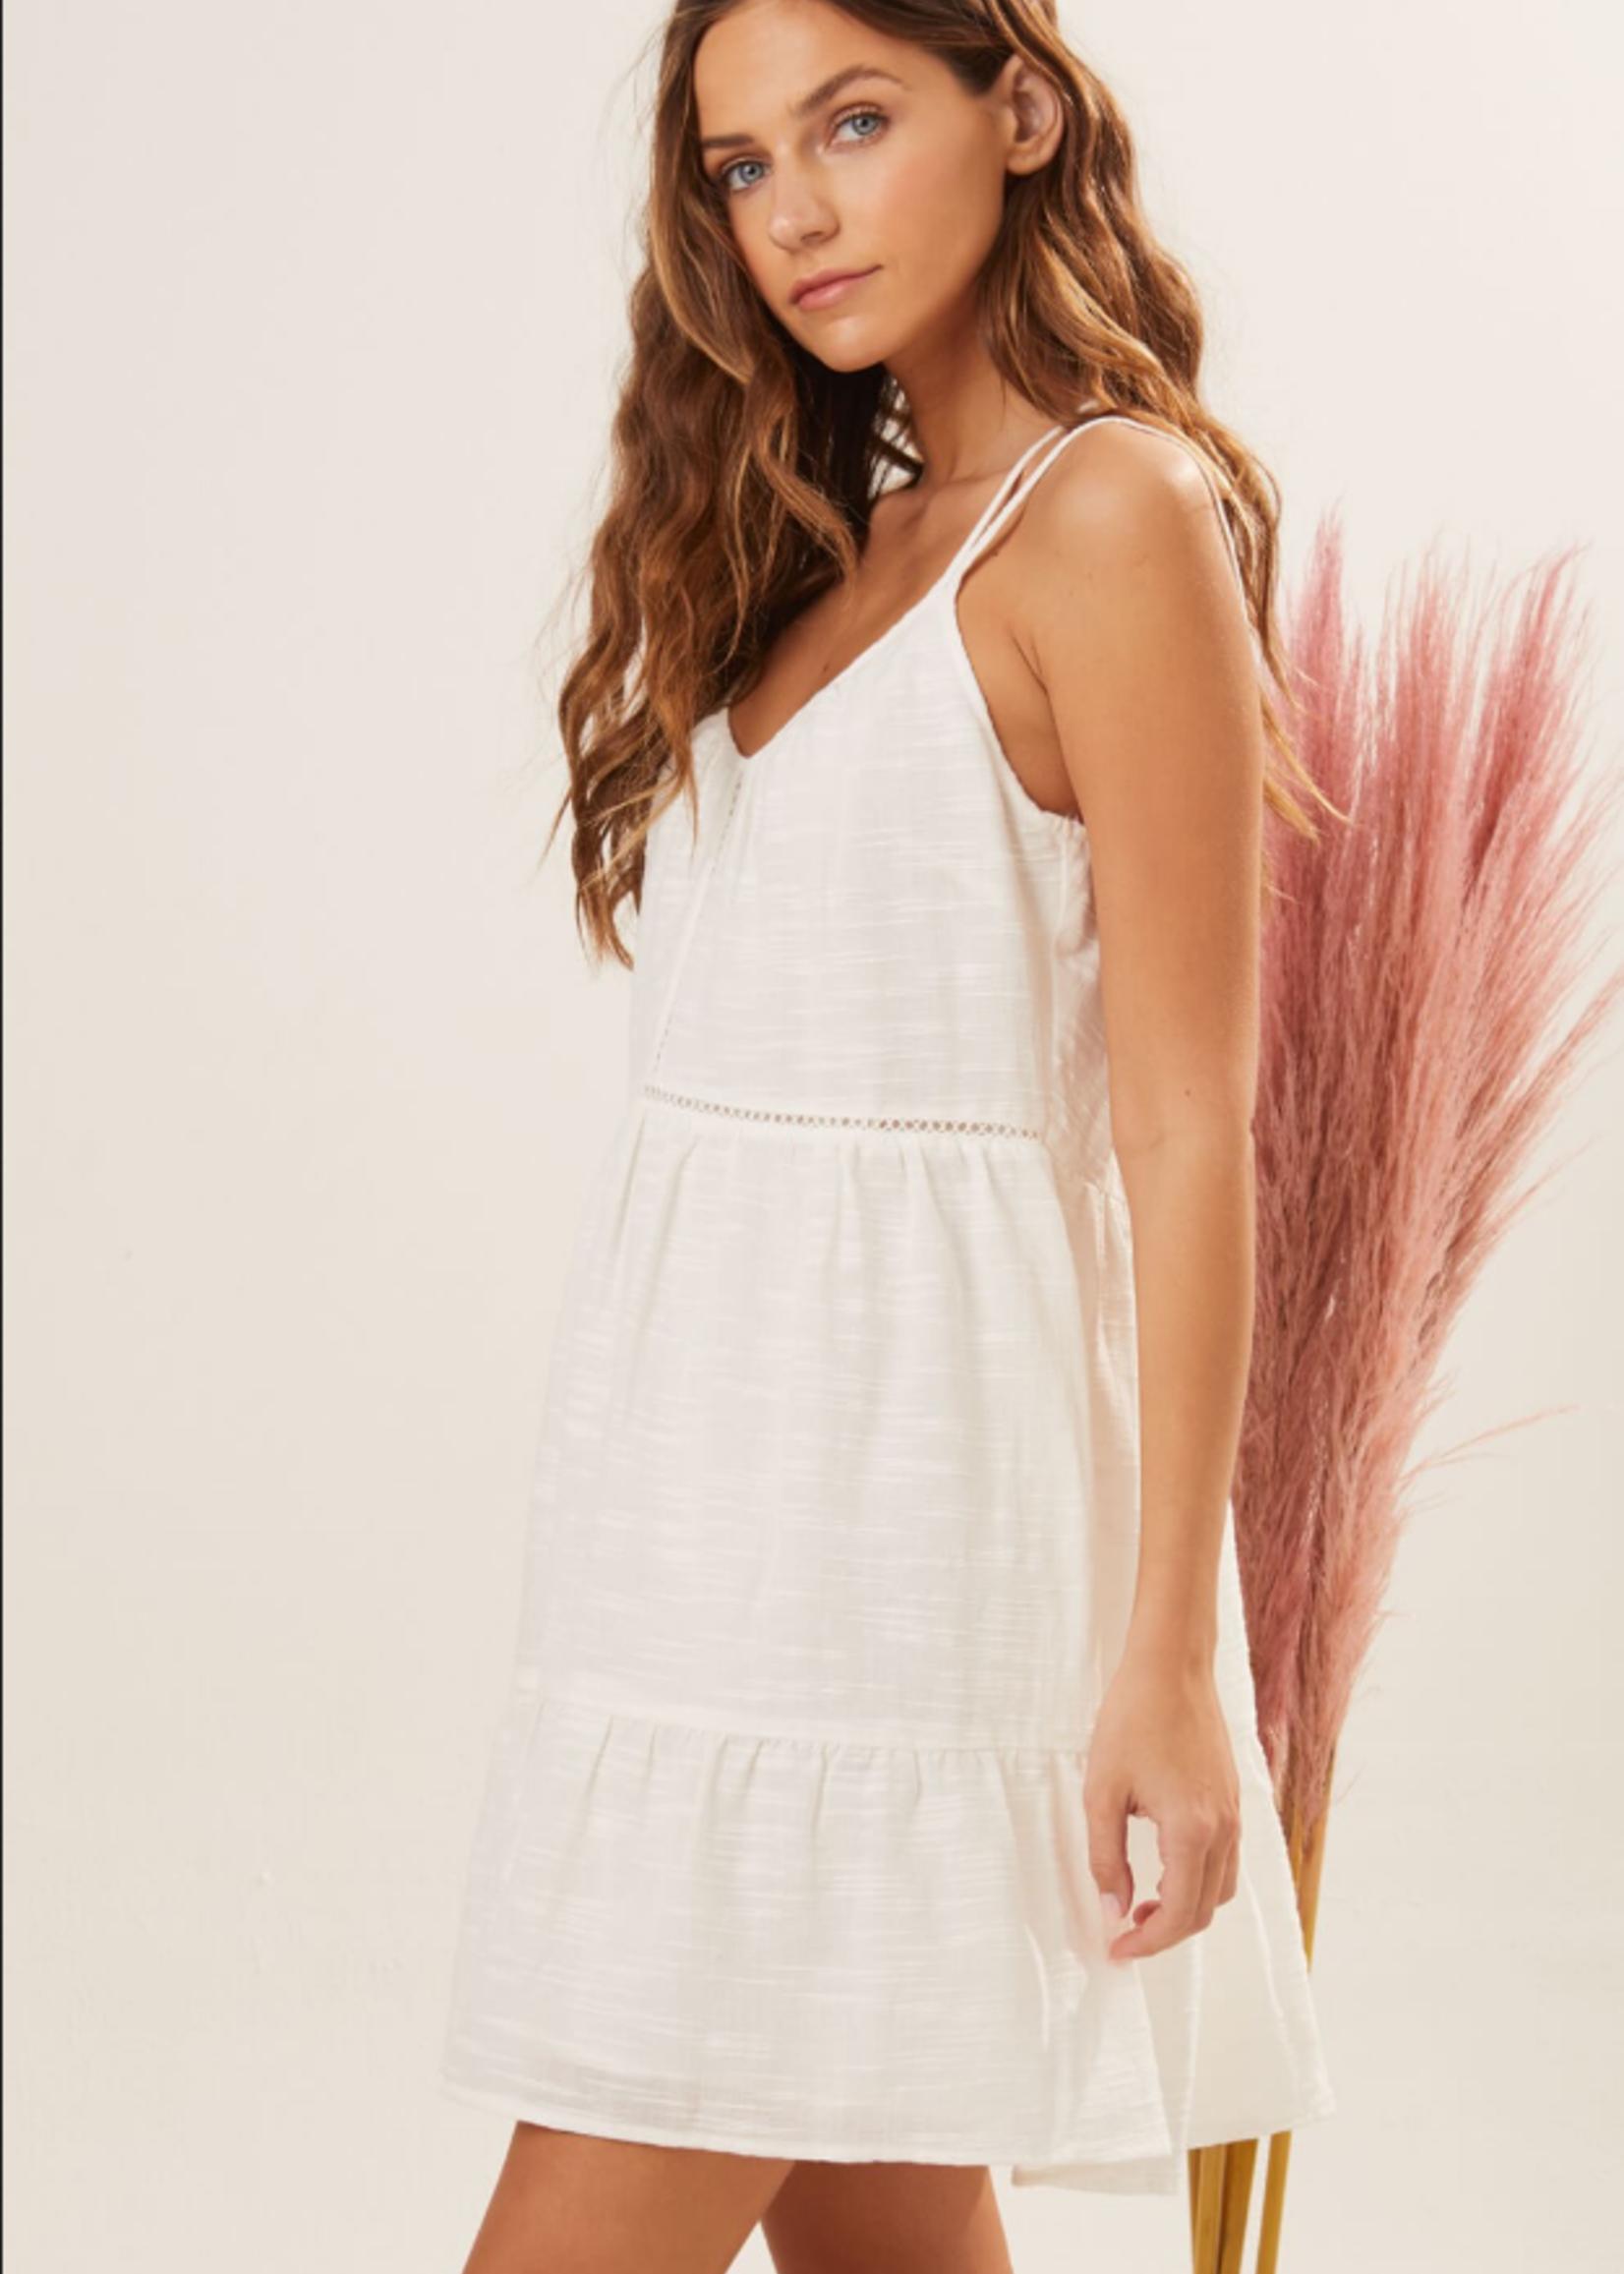 Textured Tiered Dress - White